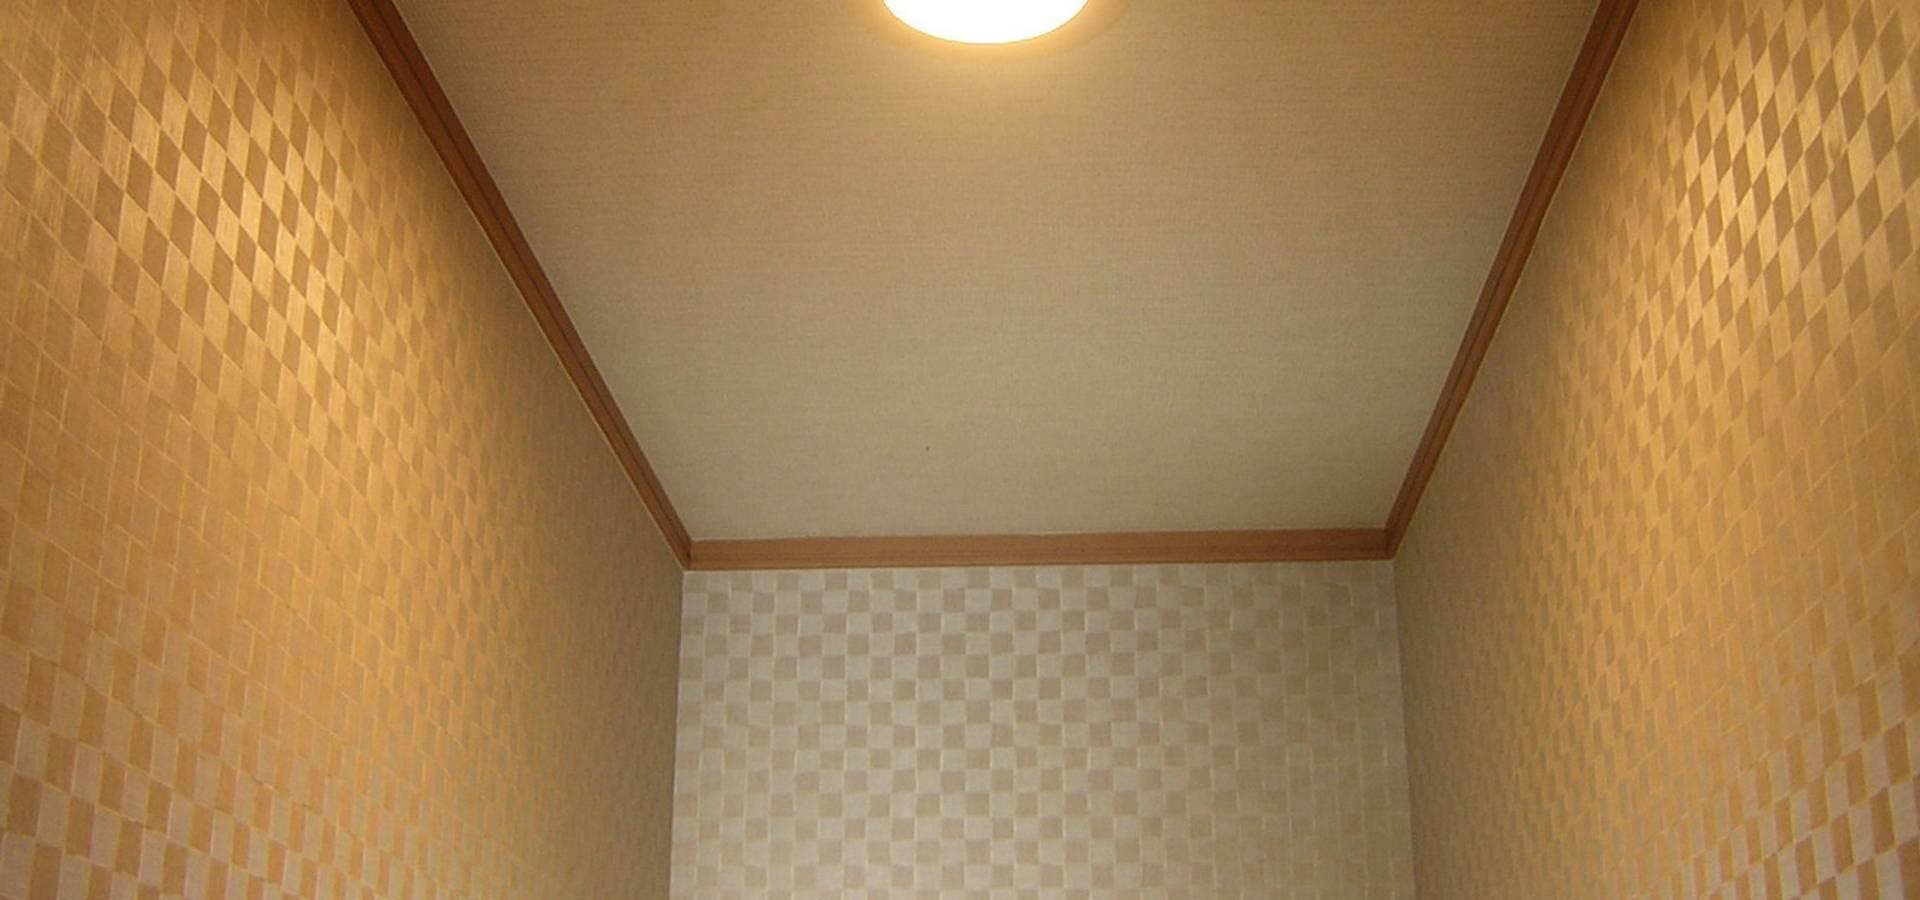 きど建築設計事務所(Kido Architectural Design Office)